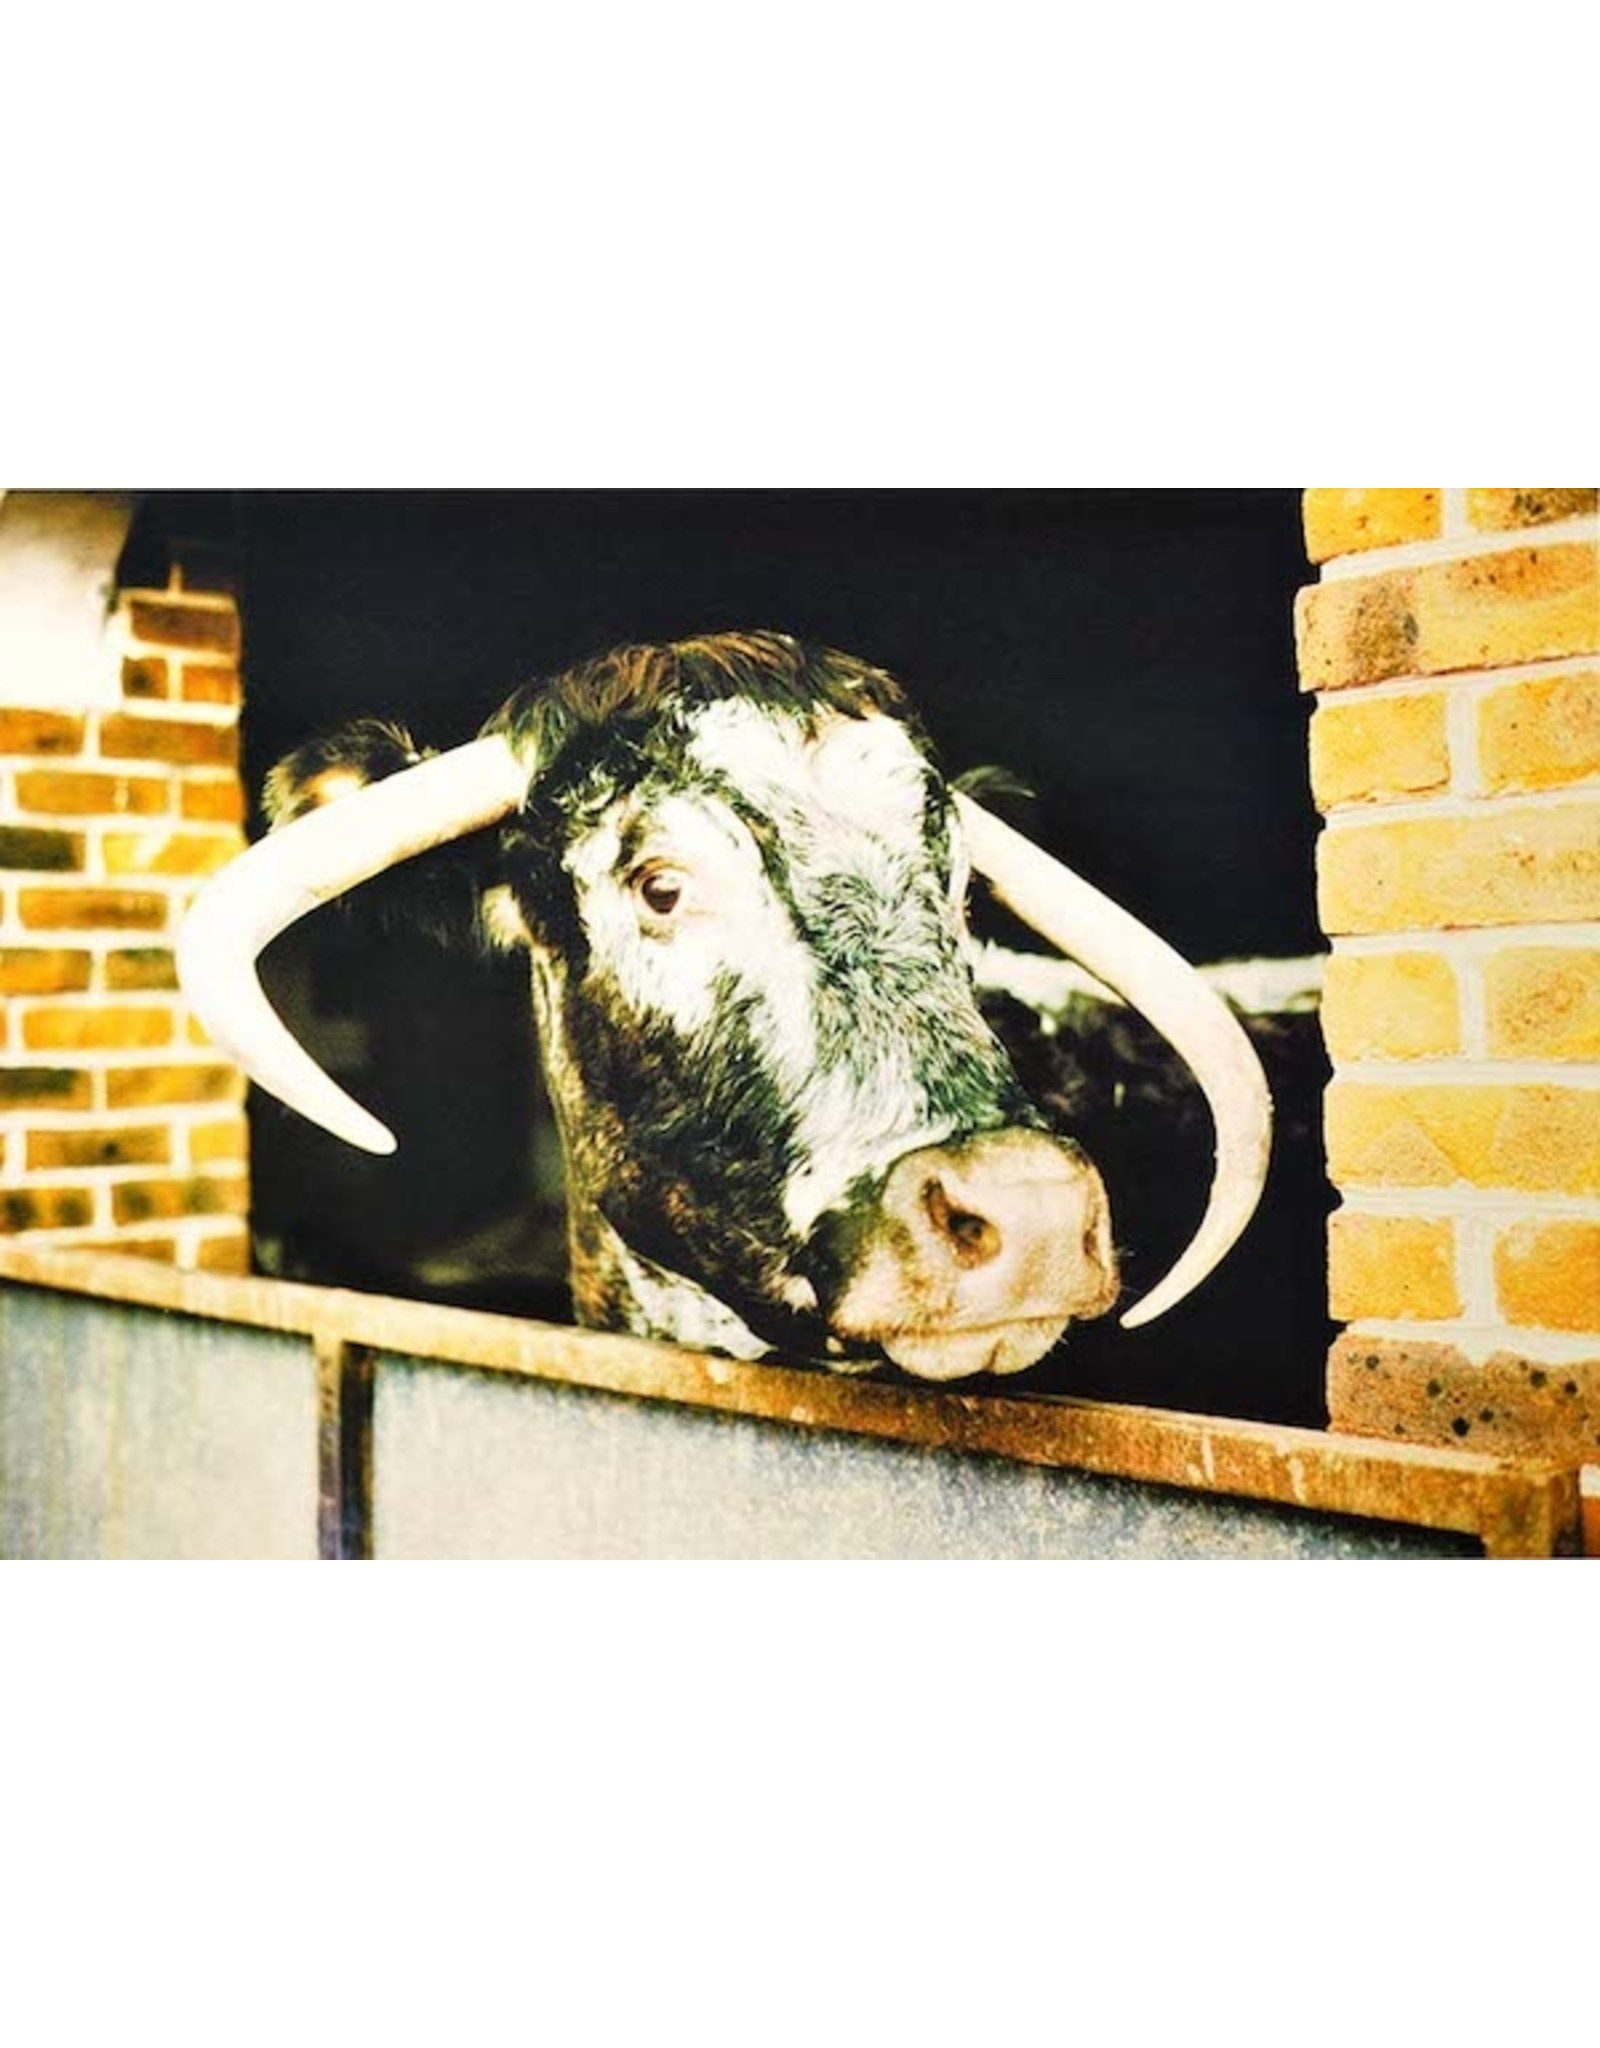 Gordon Trewinnard GordonTrewinnard, Cow, Eastern Europe